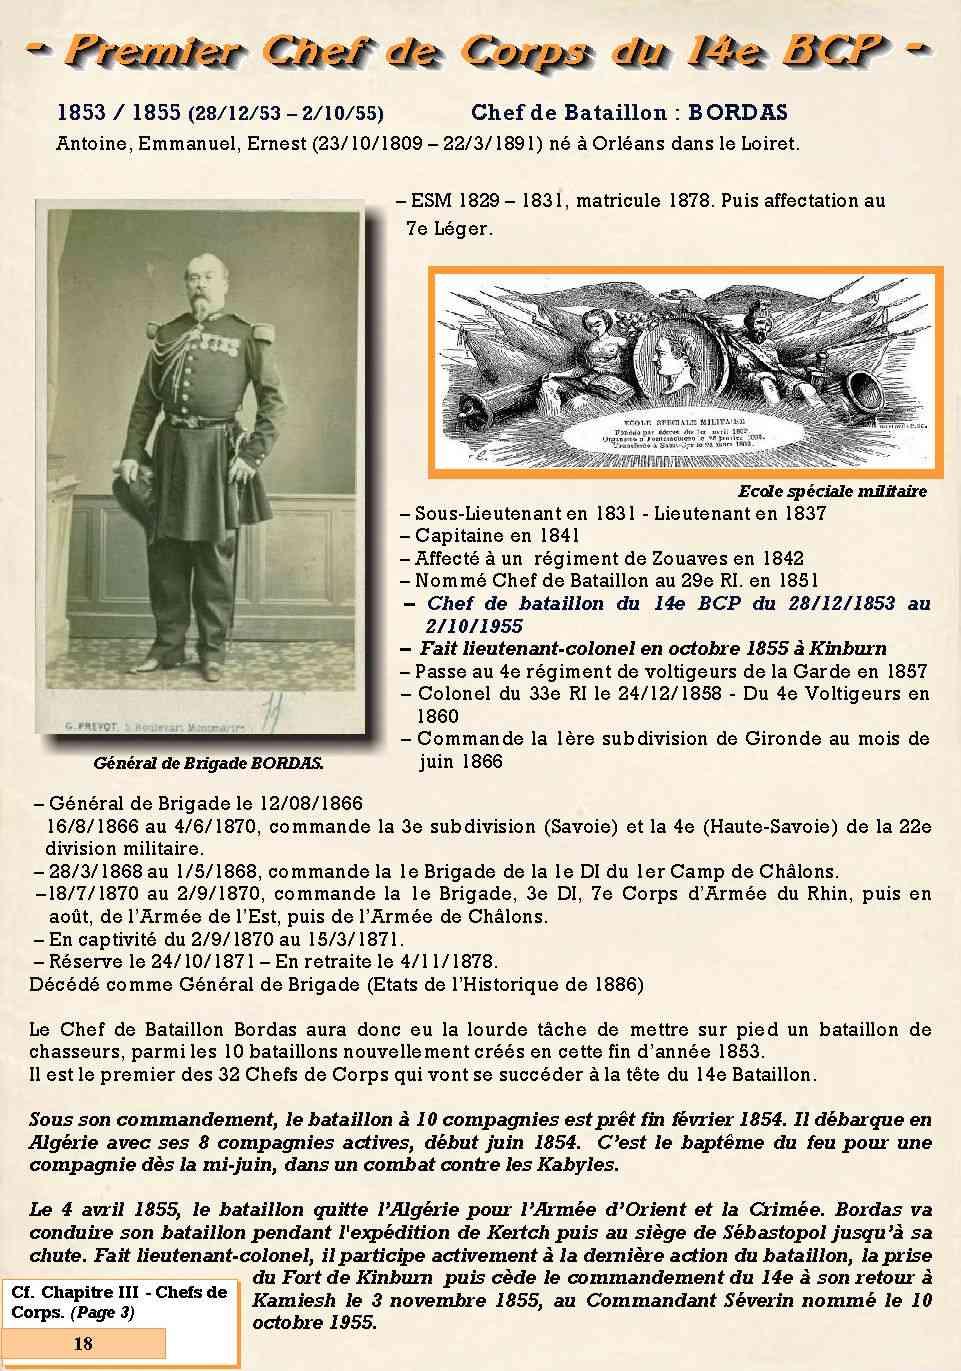 L'Historique du 14e Bataillon de Chasseurs. 1854 - 1962 Page_123